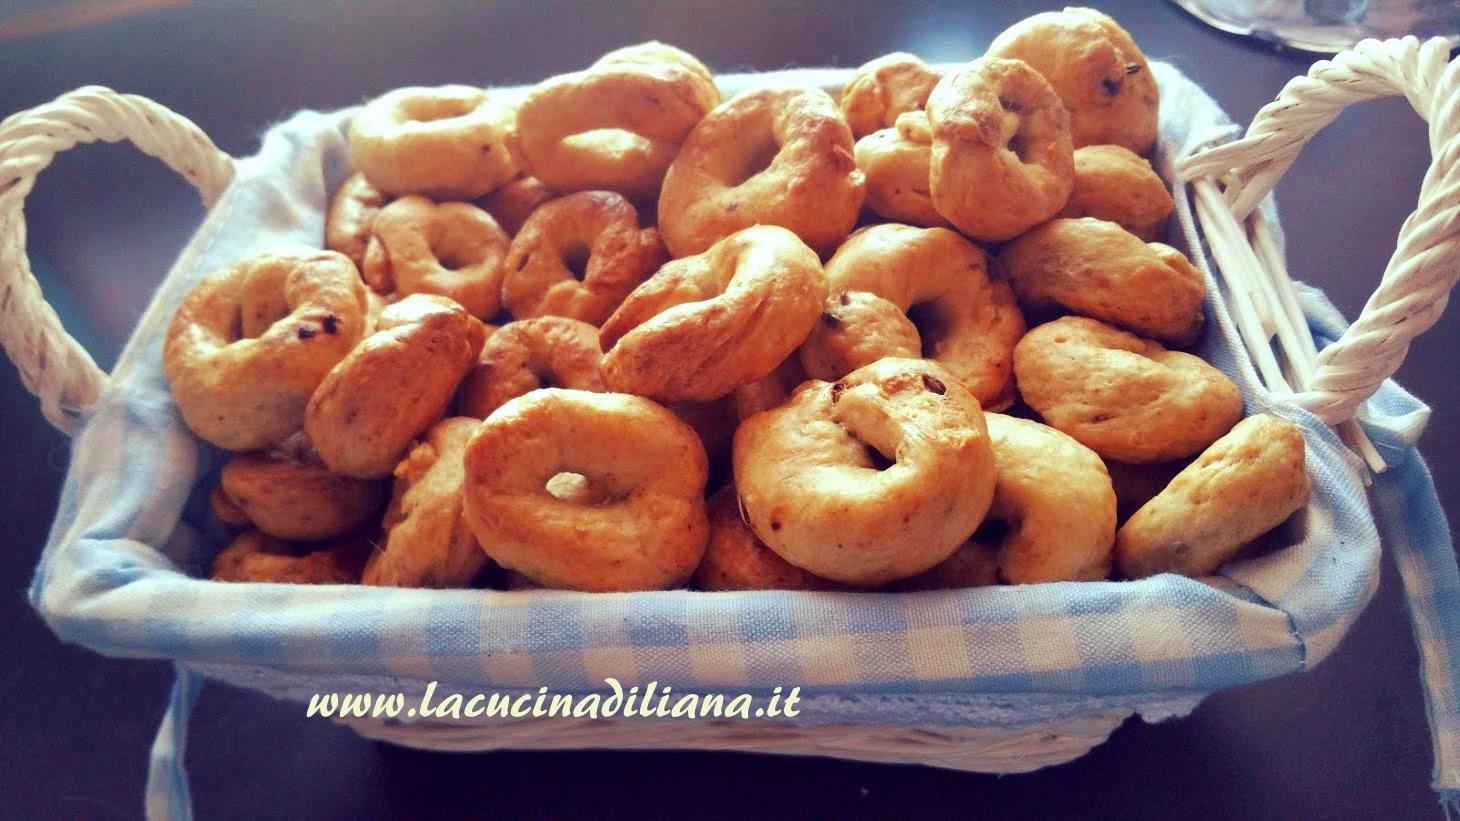 Ricetta Taralli Pugliesi Con Lievito Madre.Tarallini Con Esubero Di Pasta Madre La Cucina Di Liana